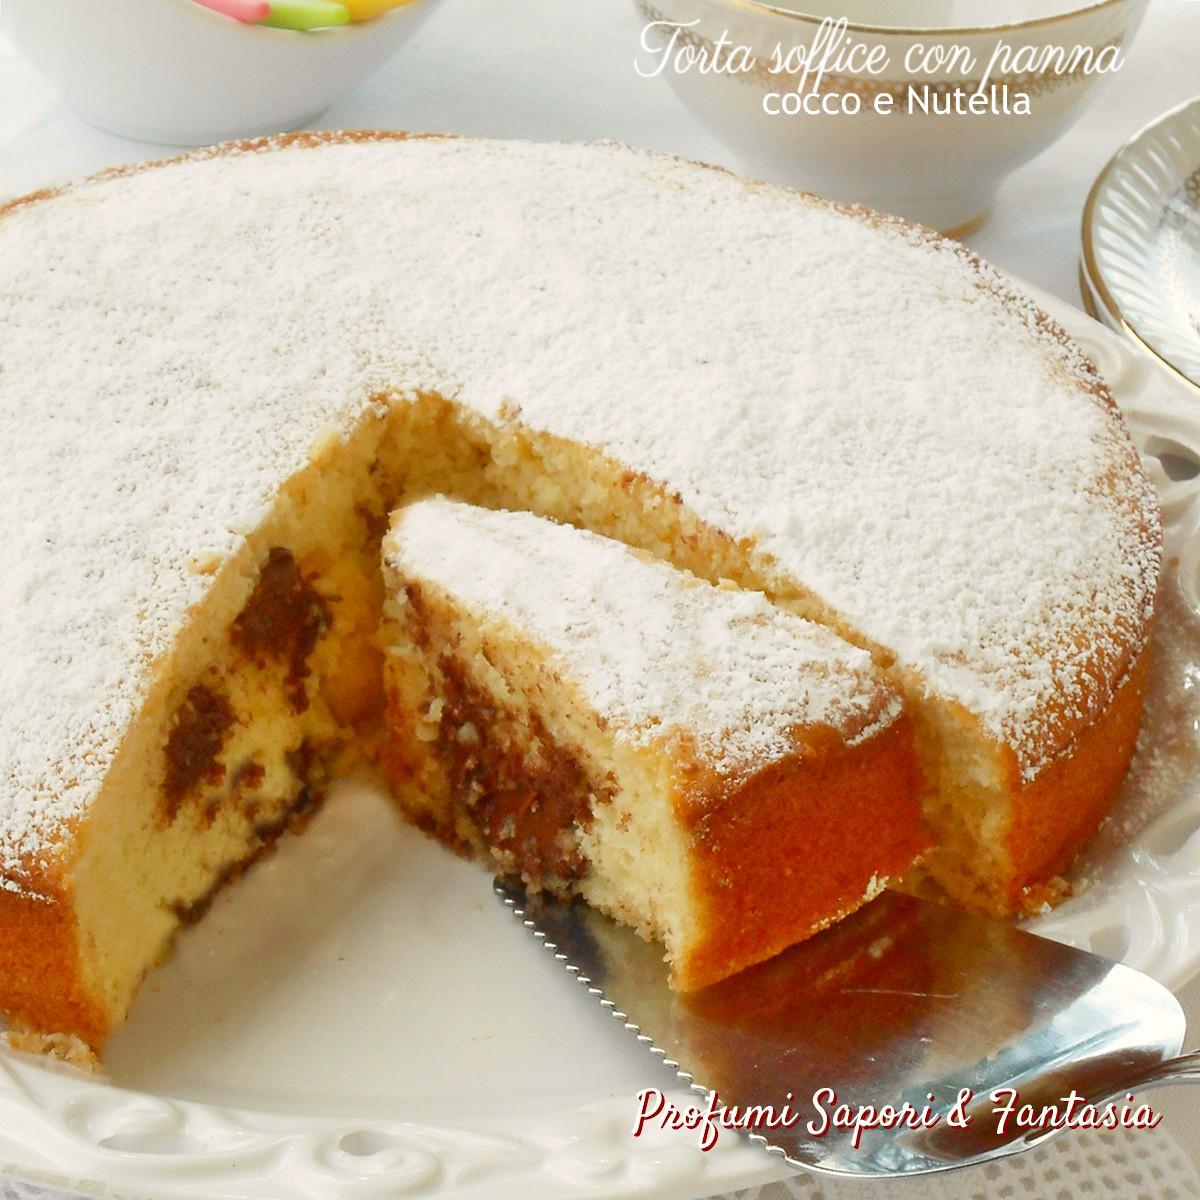 Torta soffice con panna cocco e Nutella g